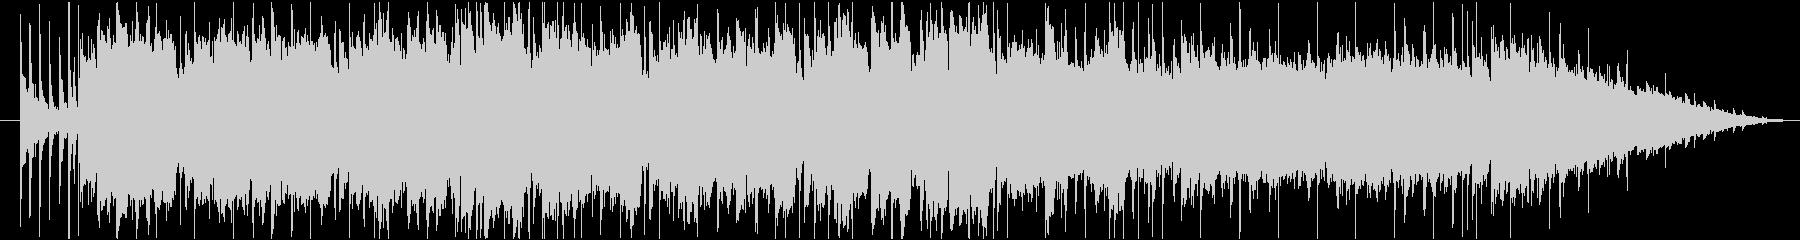 ファミリーカーCM風の楽しいBGMの未再生の波形